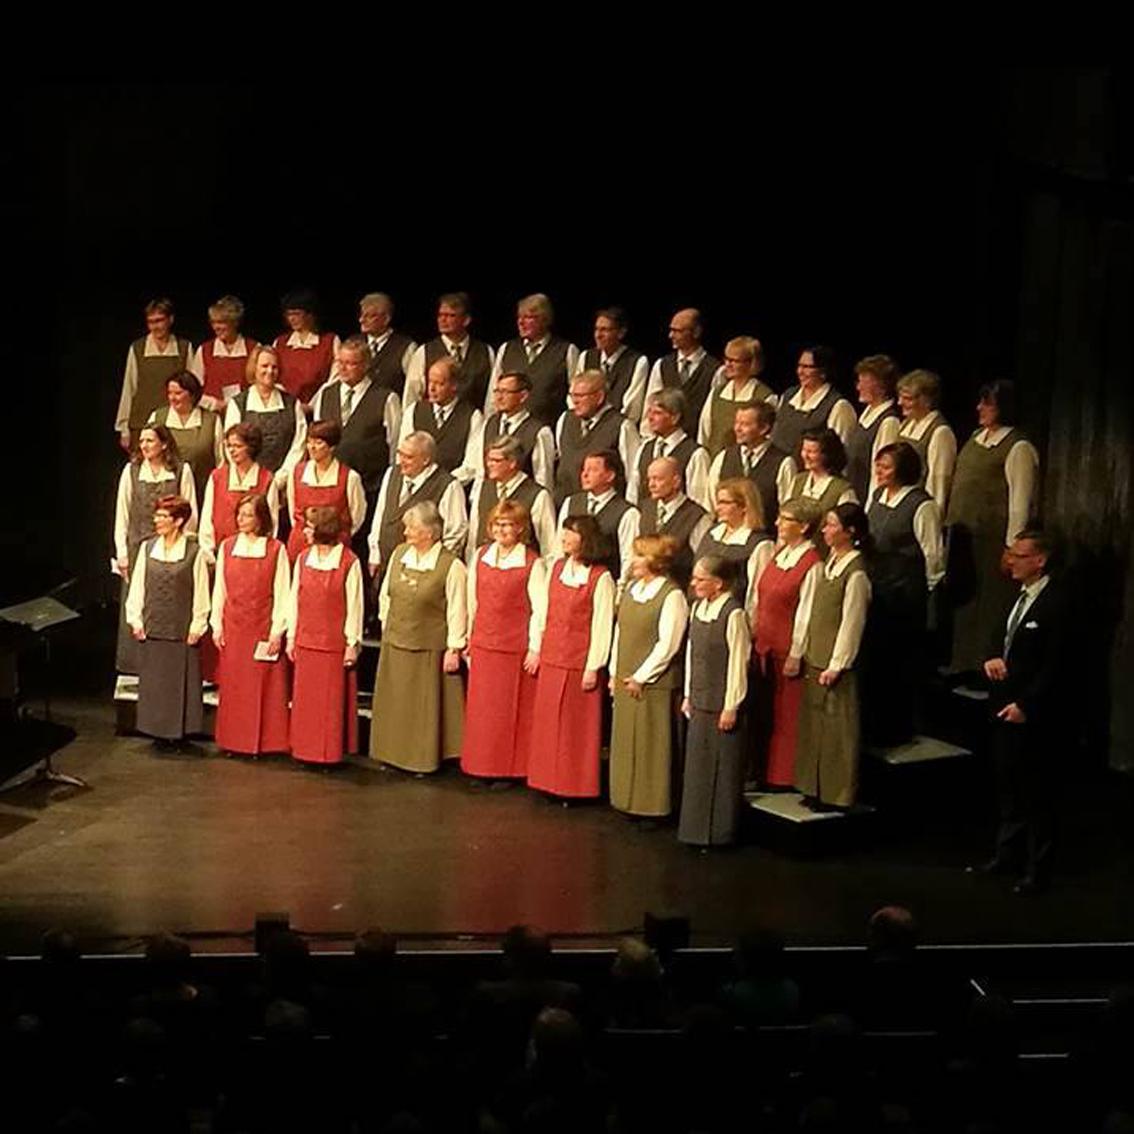 Musiikkia isänmaalle konsertit Kangasala-talossa 29. ja 30.11.2019.